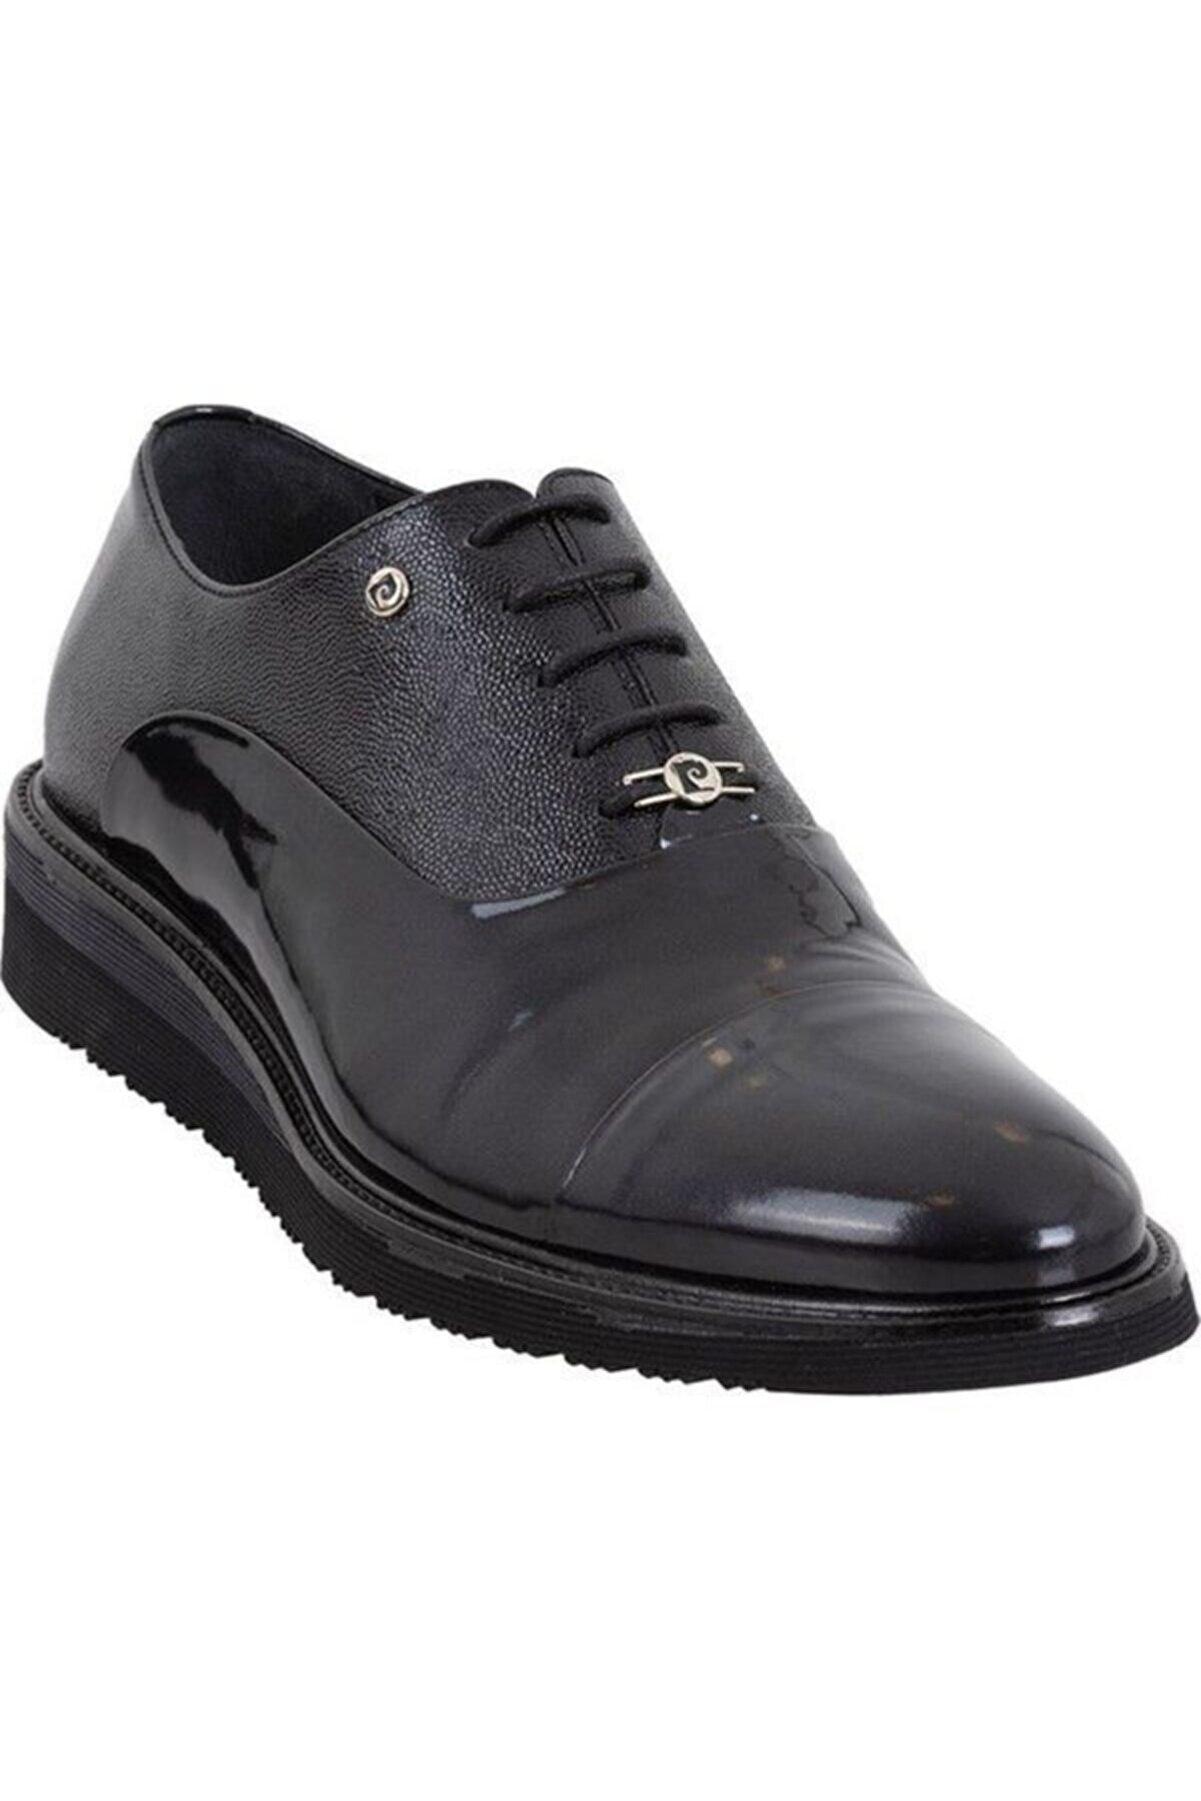 Pierre Cardin Erkek Hakiki Rugan Deri Eva Taban  Klasik Ayakkabı